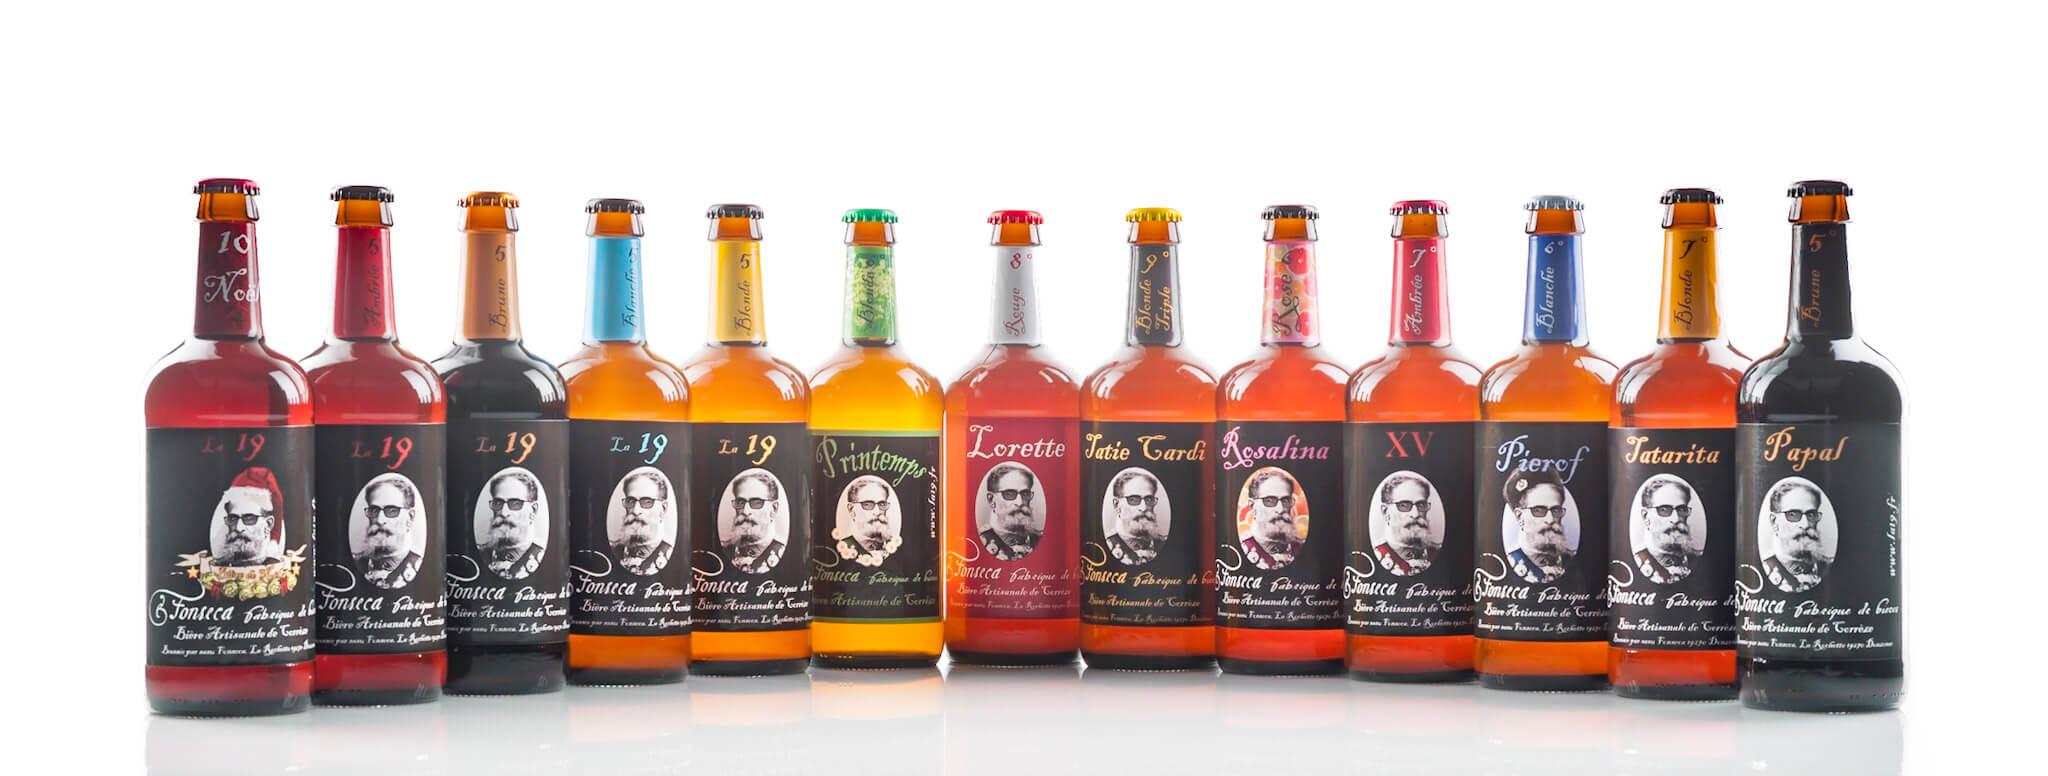 Les réalisations Lehmann Studio, photographe à Angers - shooting produits en studio packshot bières Fonseca